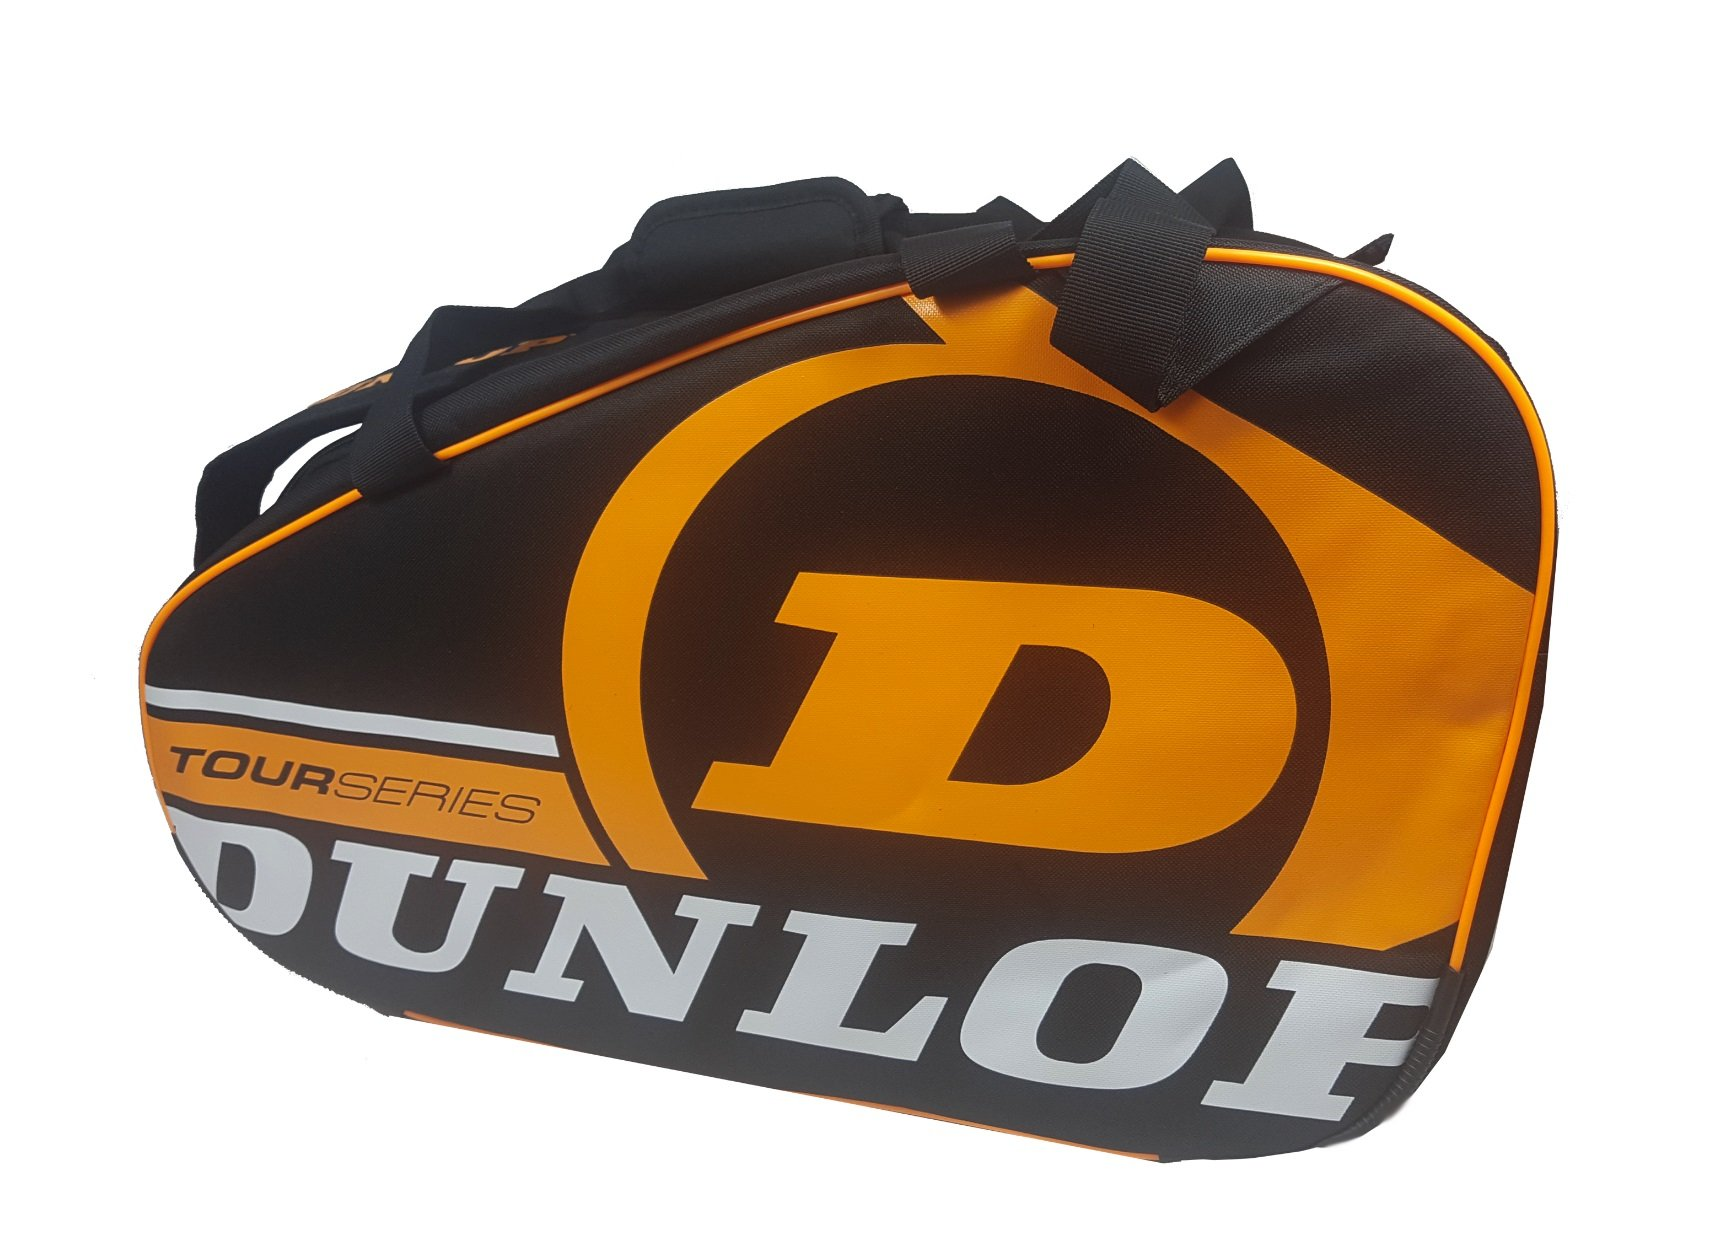 Dunlop TOUR COMPETITION - Paletero de pádel, 2017, color negro/naranja product image